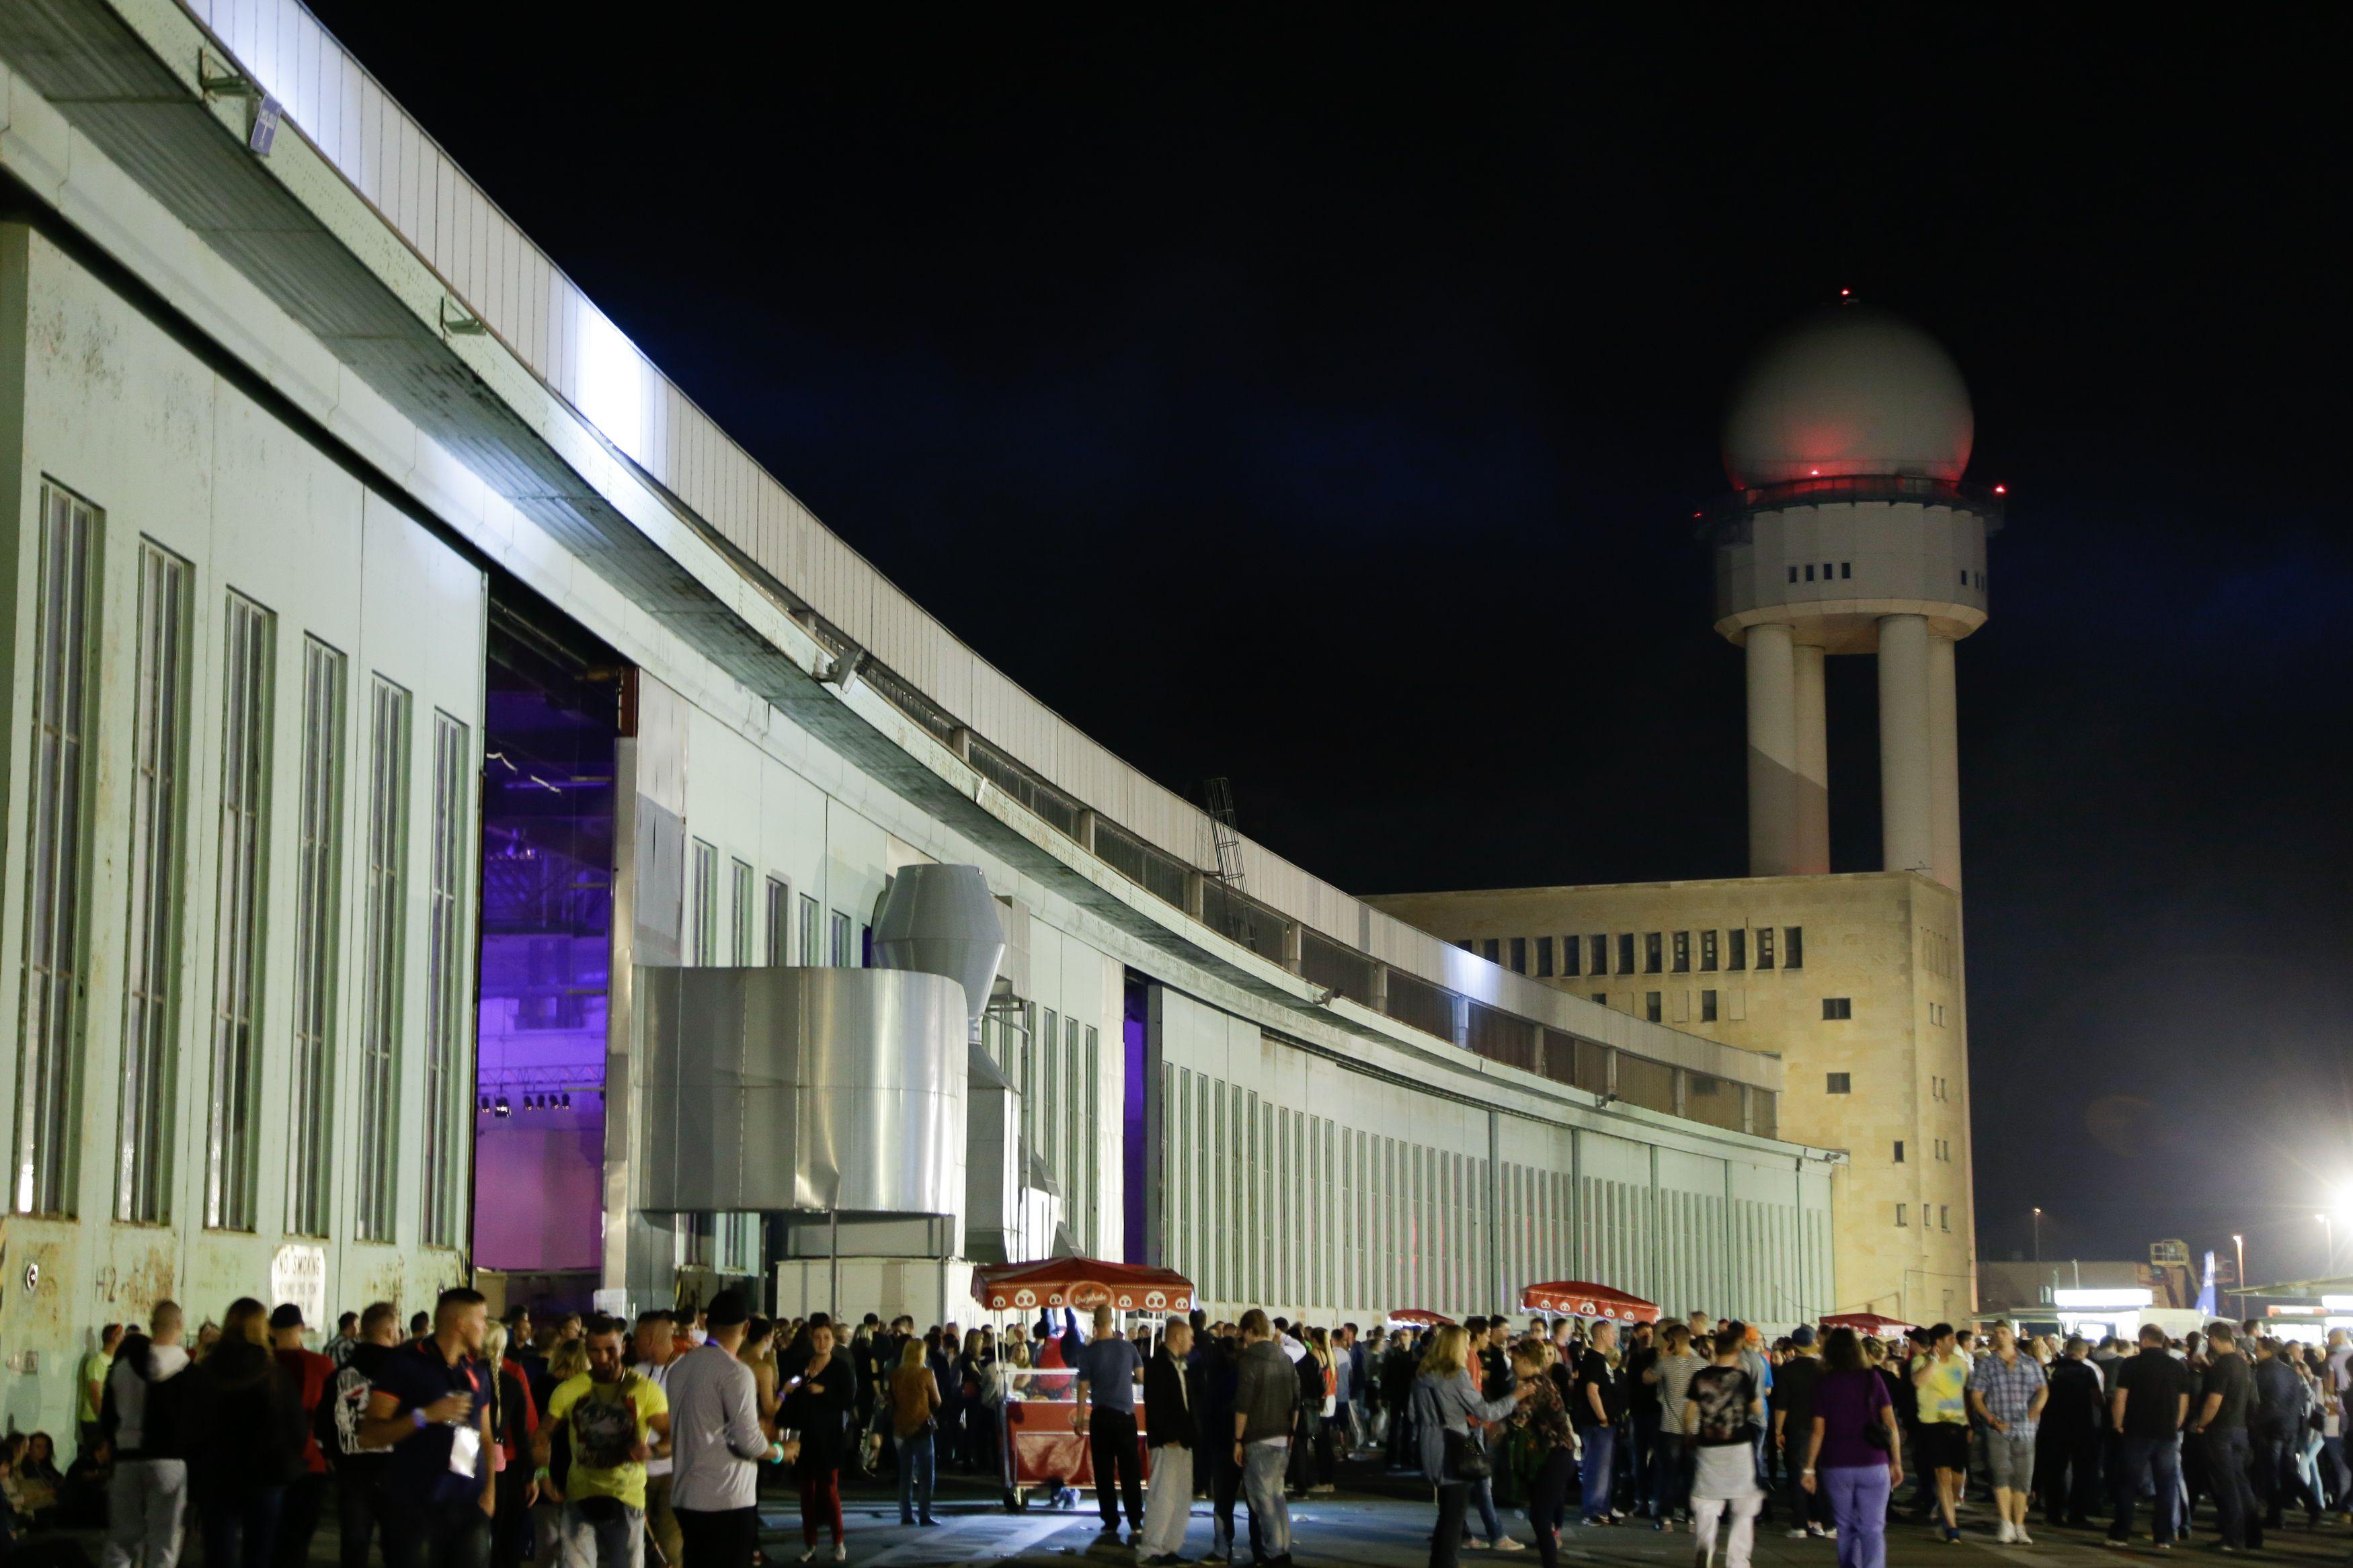 Rave at Tempelhof en Berlín